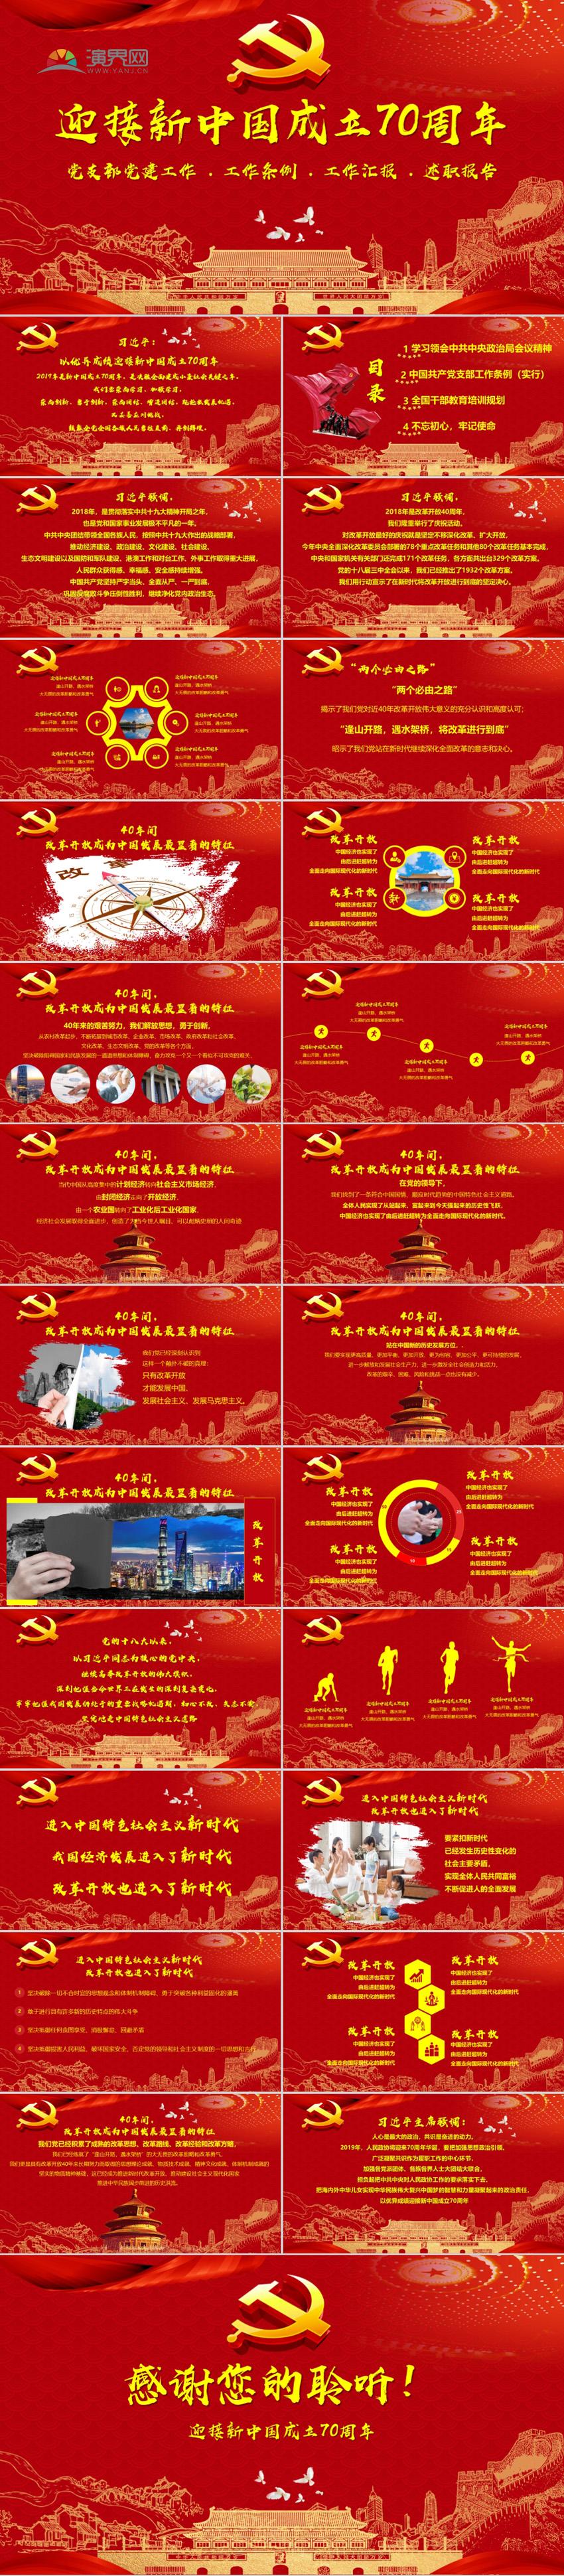 作品标题:新中国成立70周年政府党政党建pptag手机版下载|首页图片